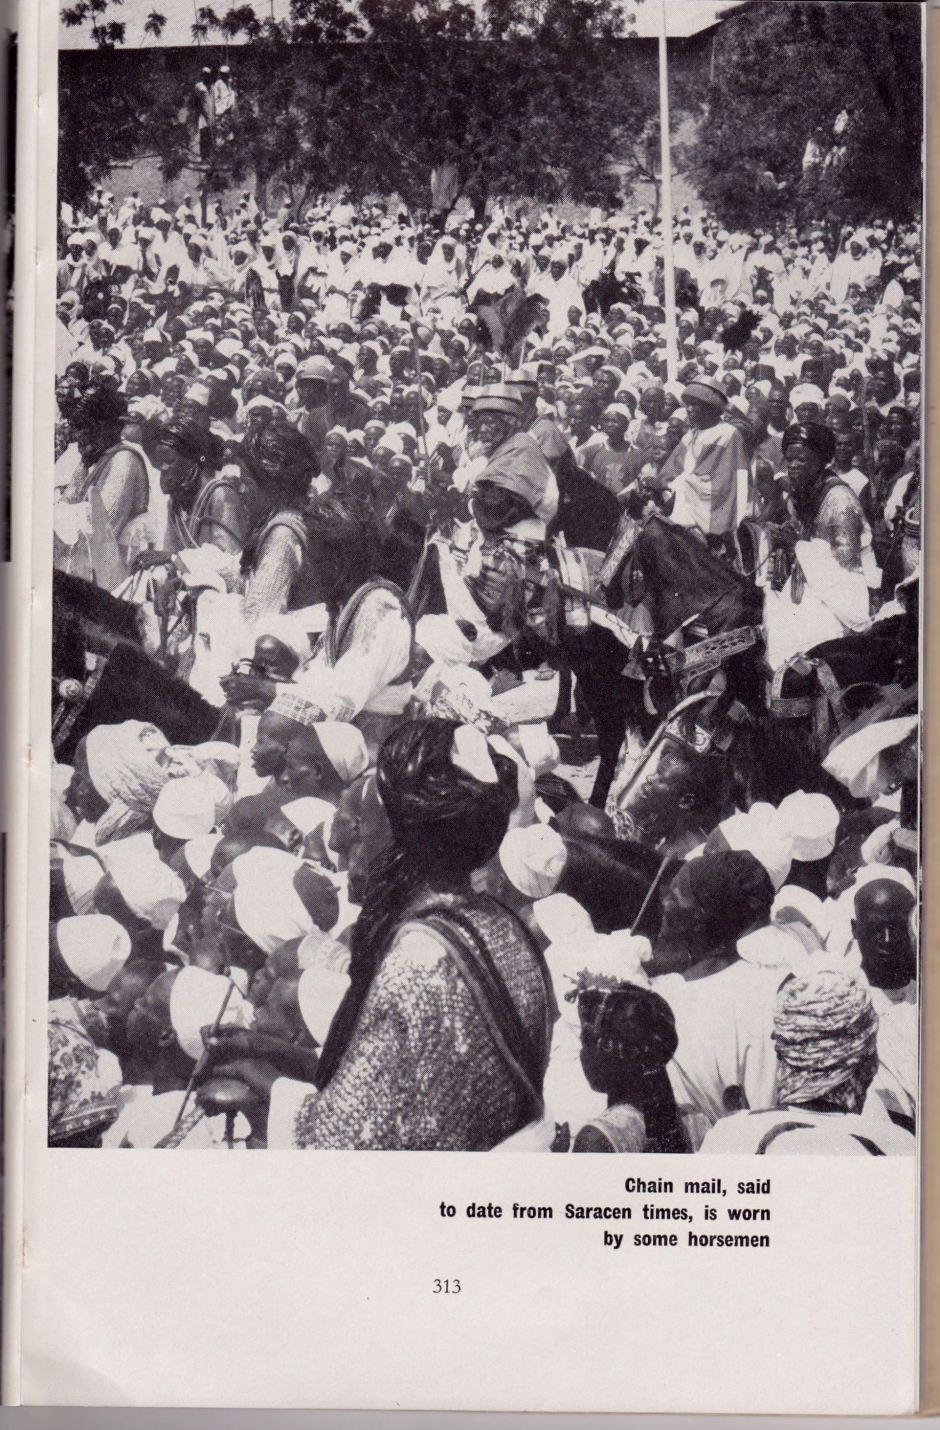 Nigeria Mag 1956, horsemen clad in chain mail.